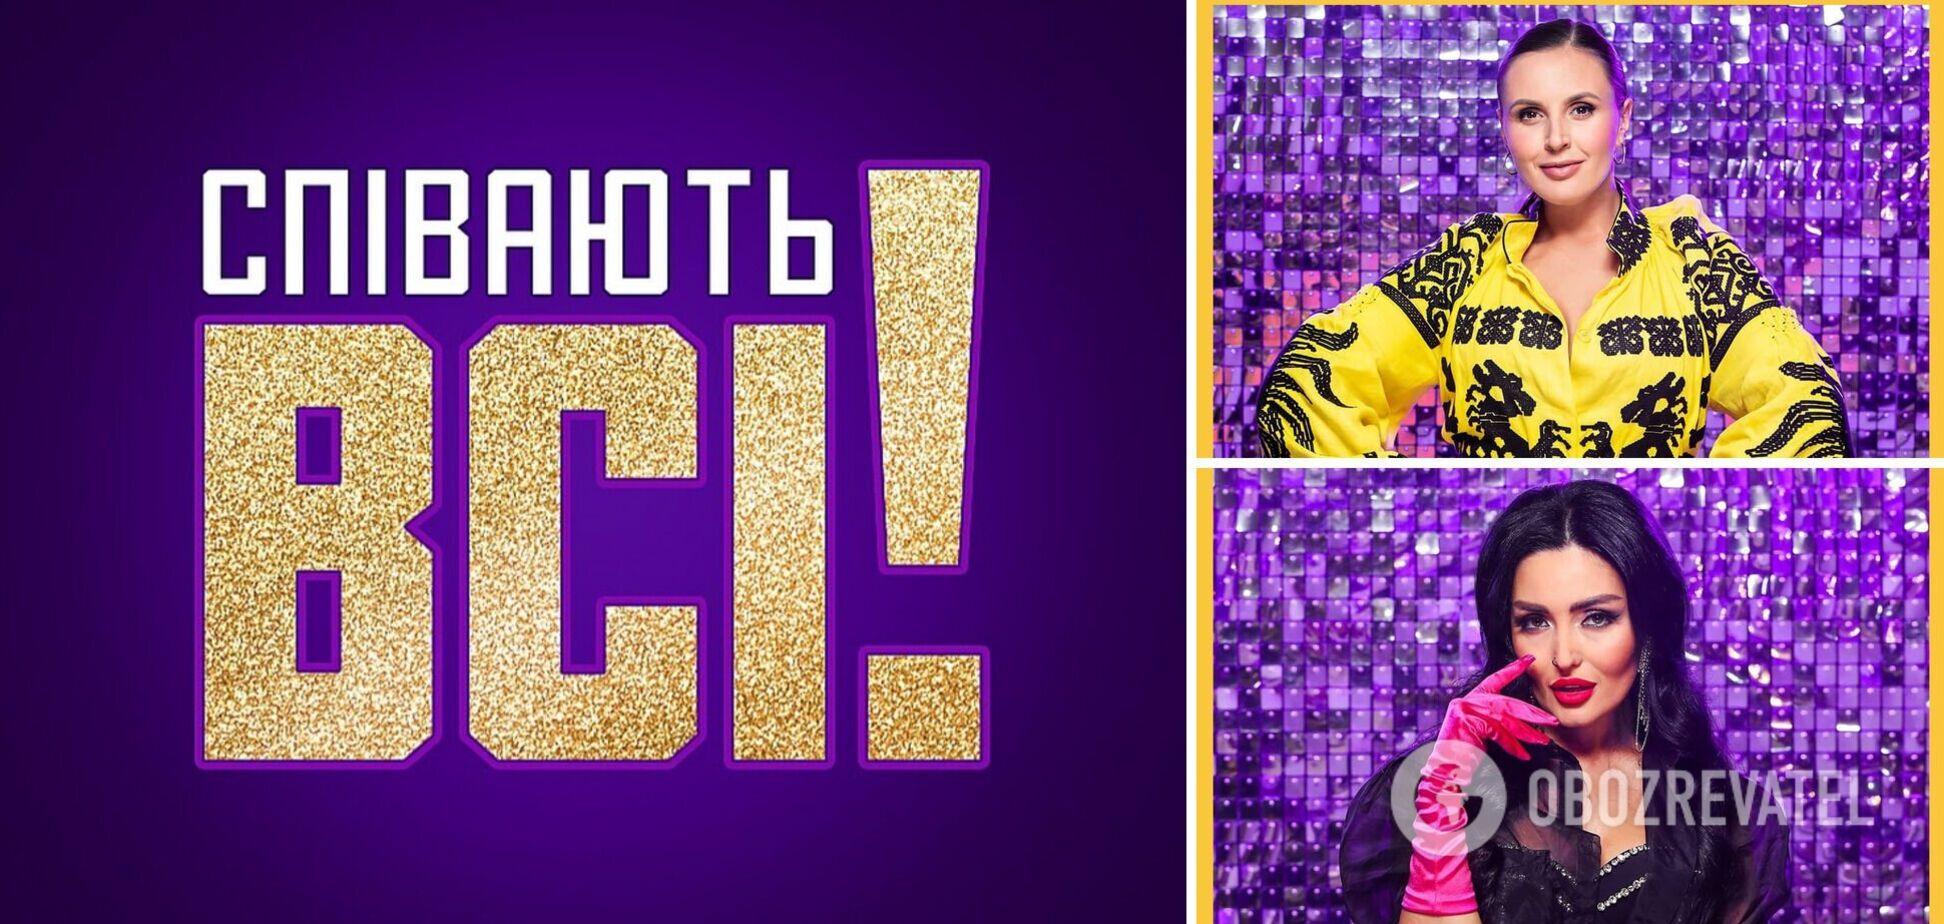 Названа пятая десятка звездных судей грандиозного шоу 'Співають всі'